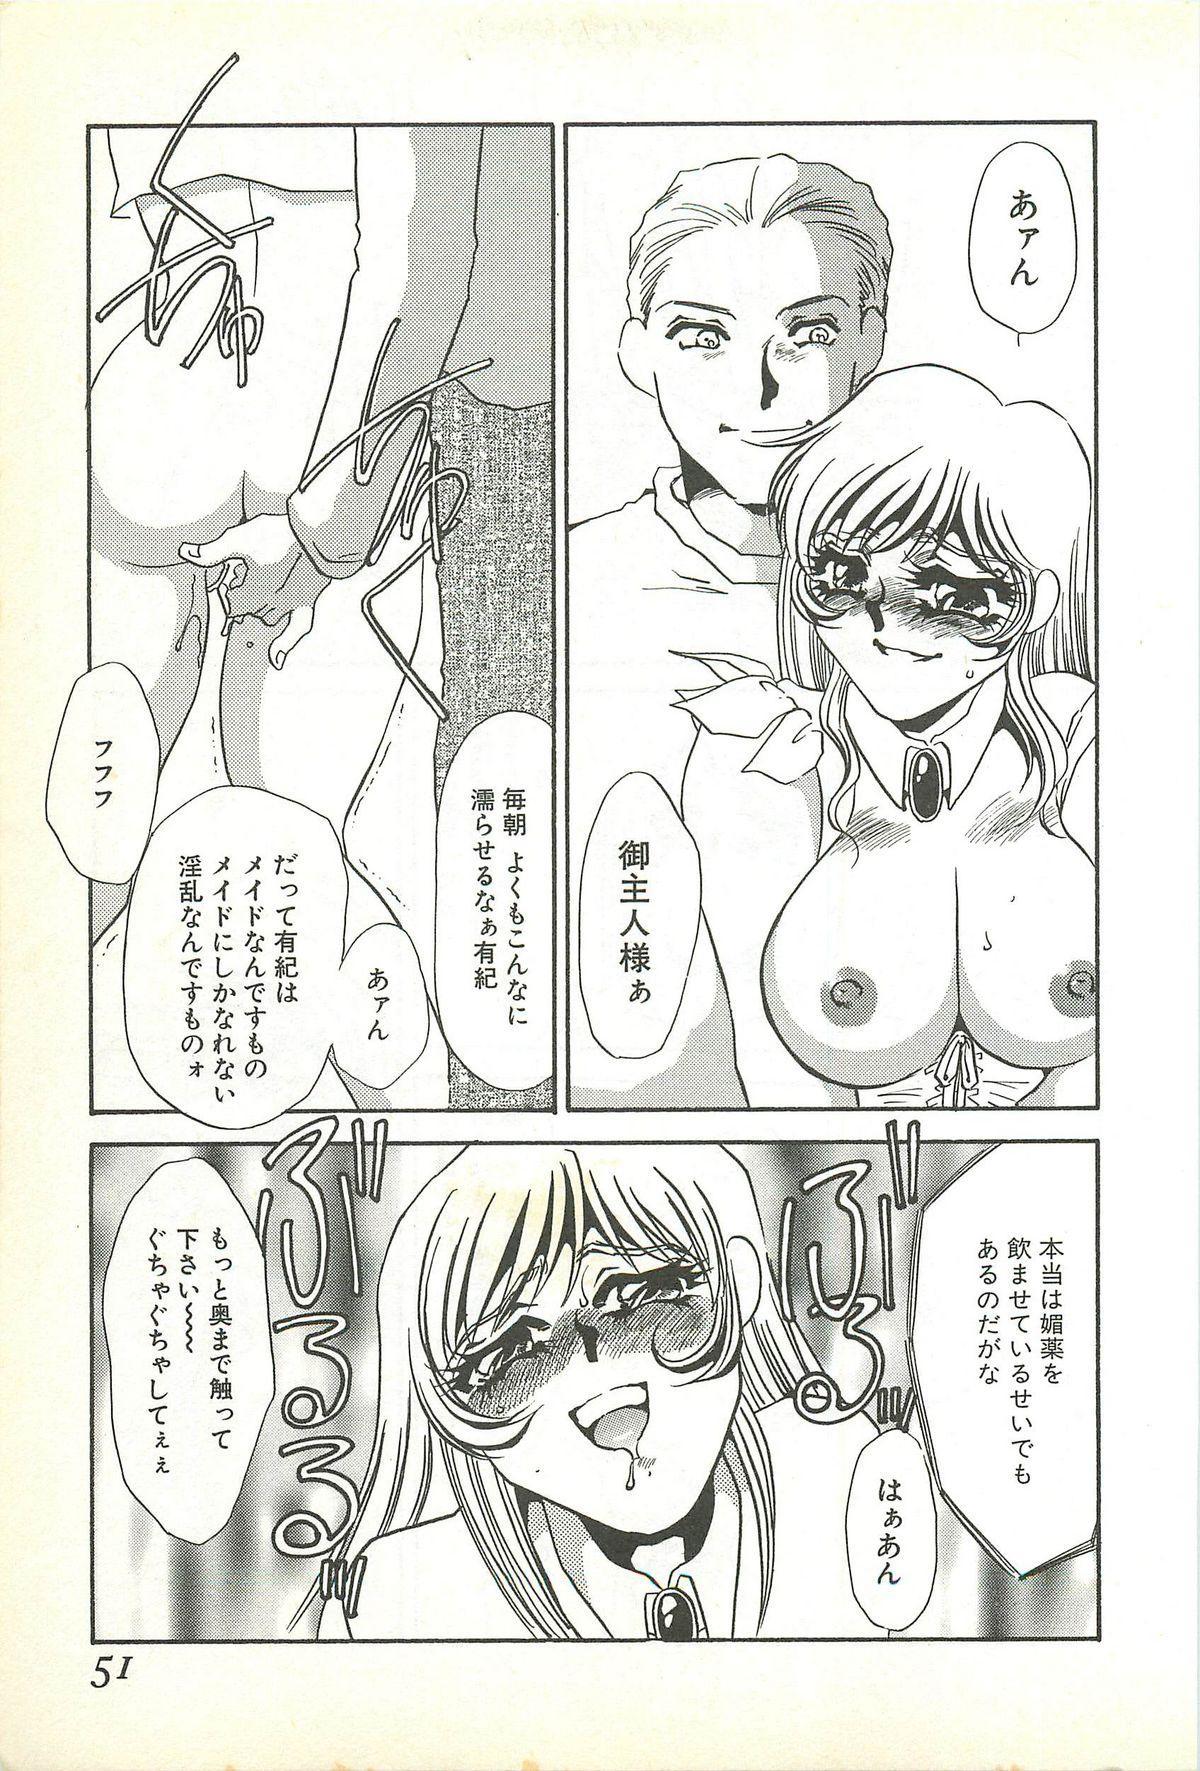 Chigyaku no Heya - A Shameful Punishment Room 47